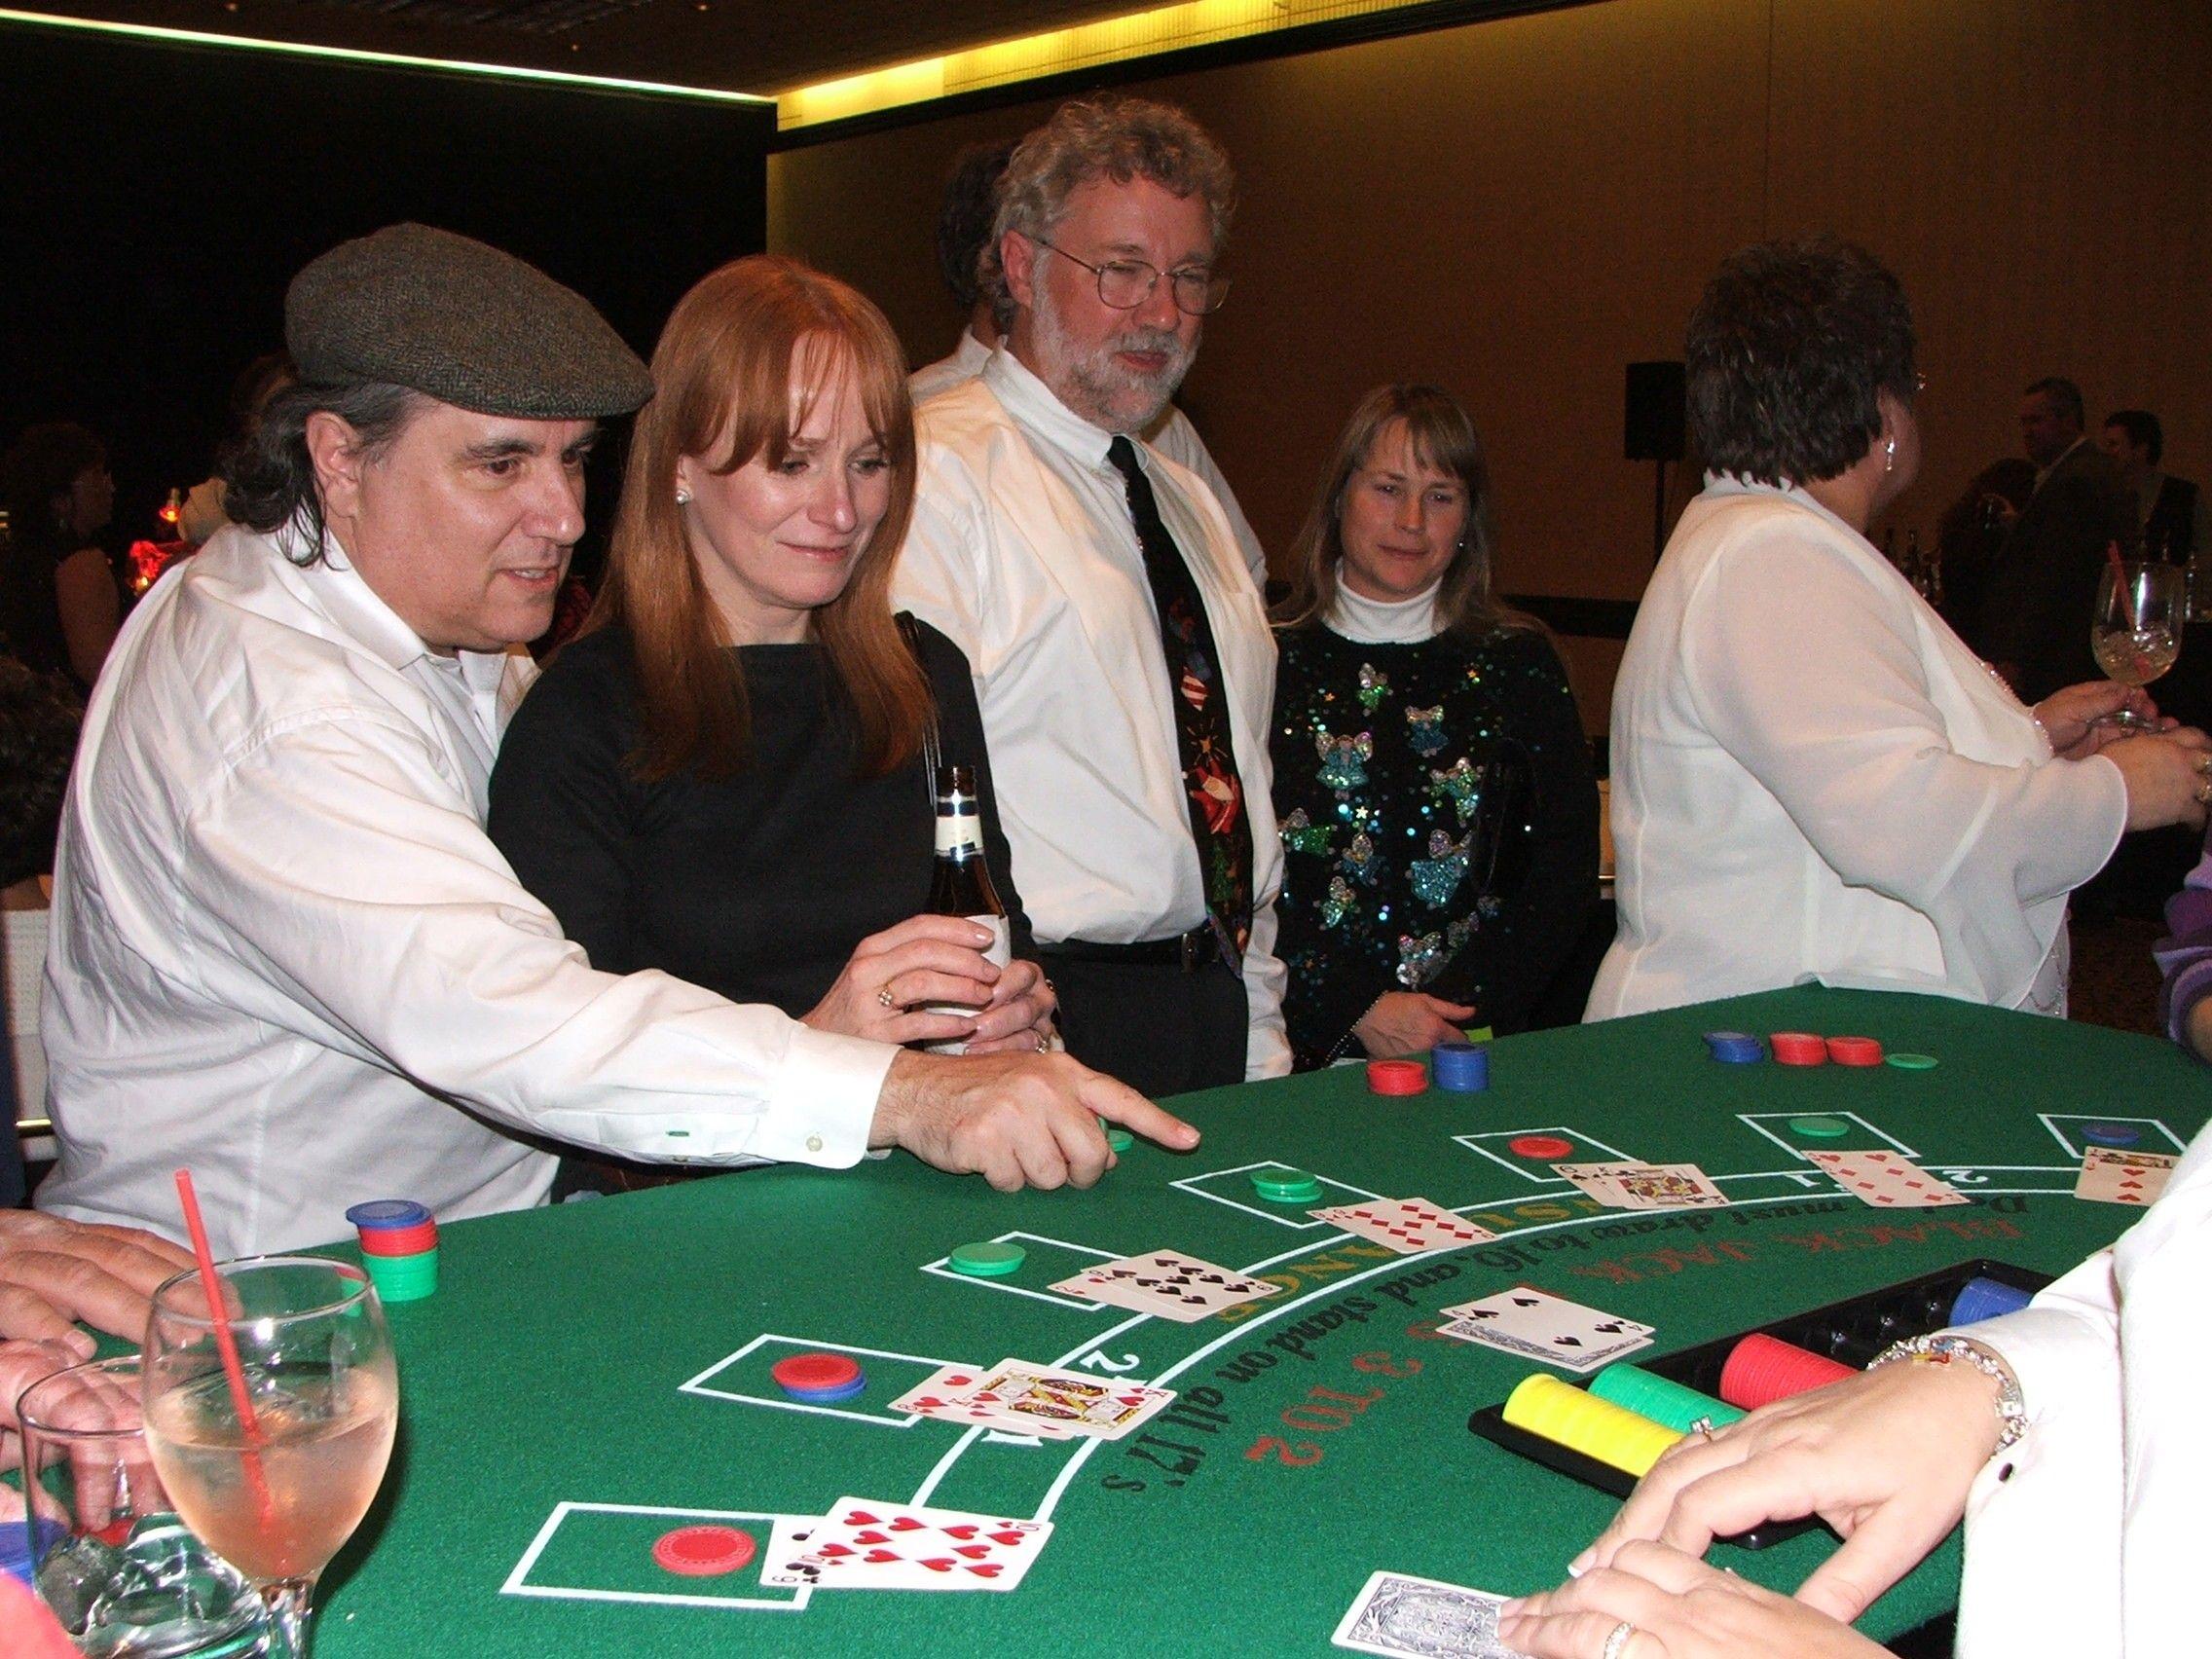 Nashville casino party harrahs com casinos harrahs